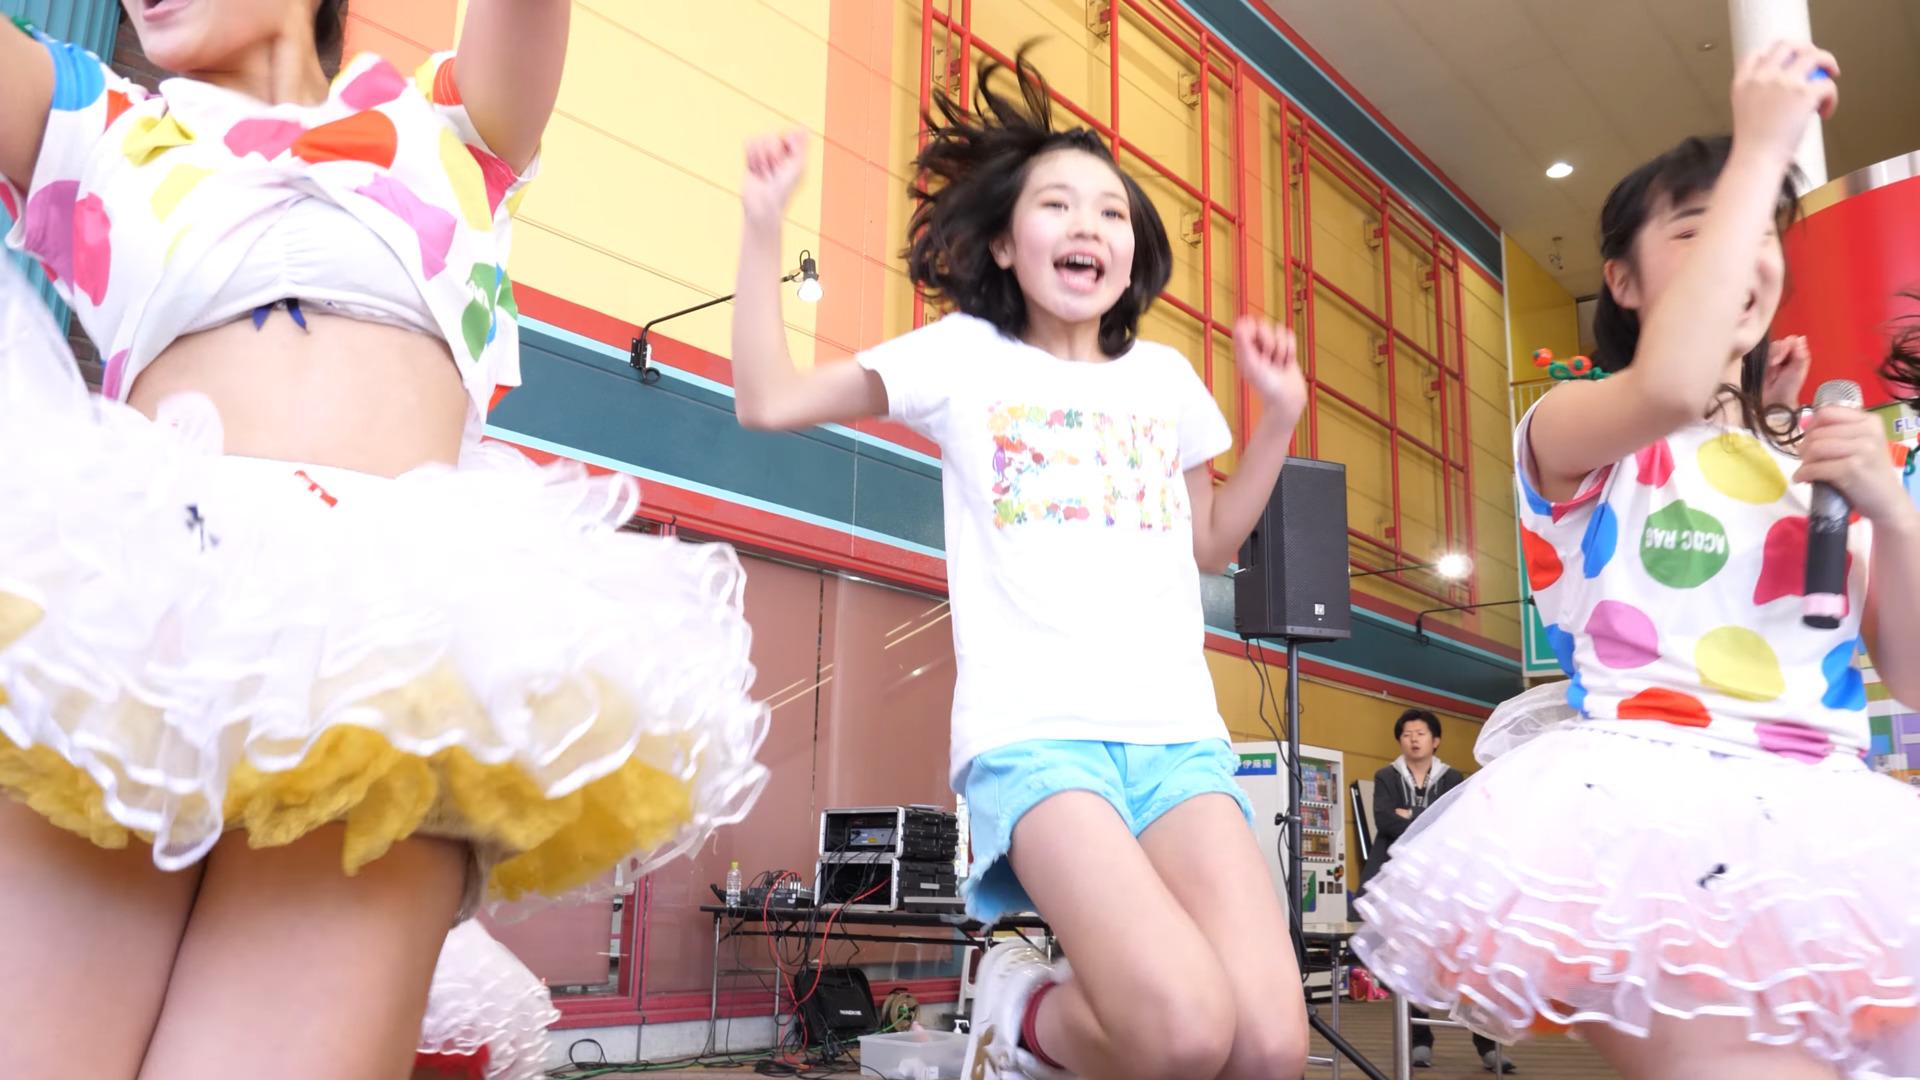 愛の葉Girls【虹色マジック】岡山ジョイポリス×IDOL合同定期公演 Vol.61 第一部 03:38